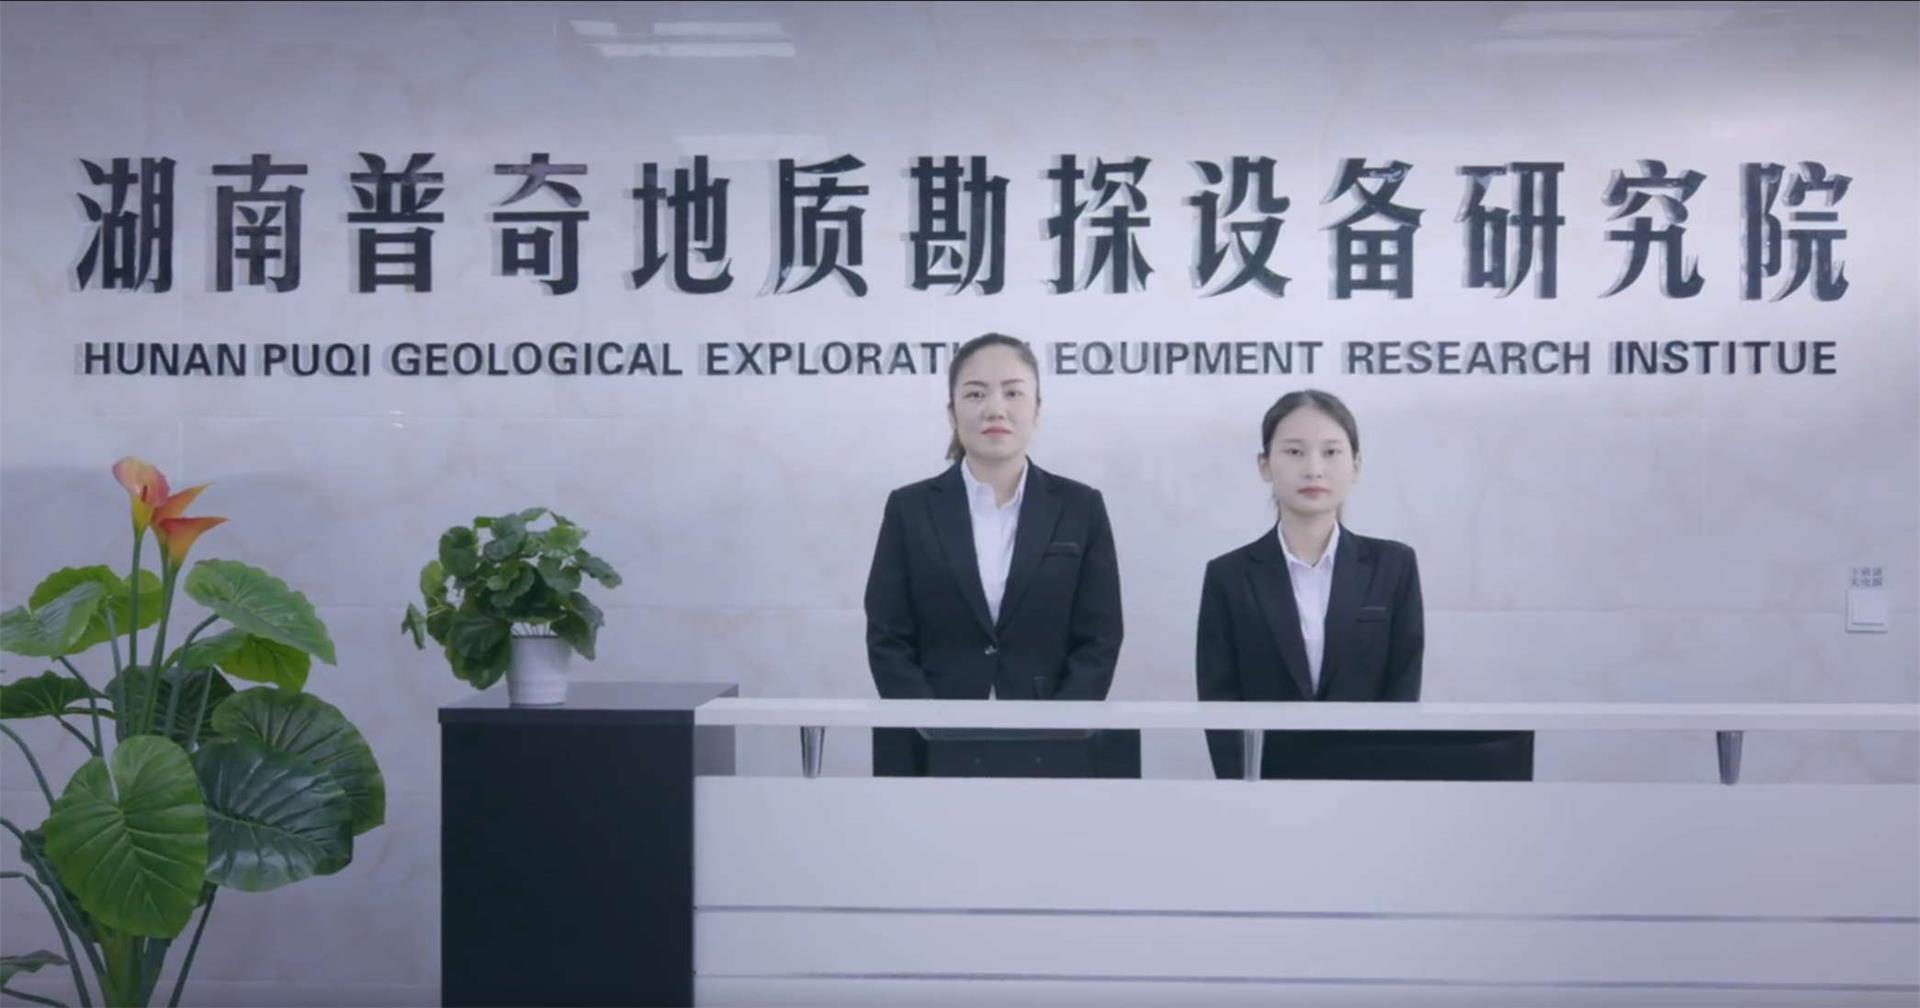 湖南普奇地质勘探设备研究院(普通合伙)